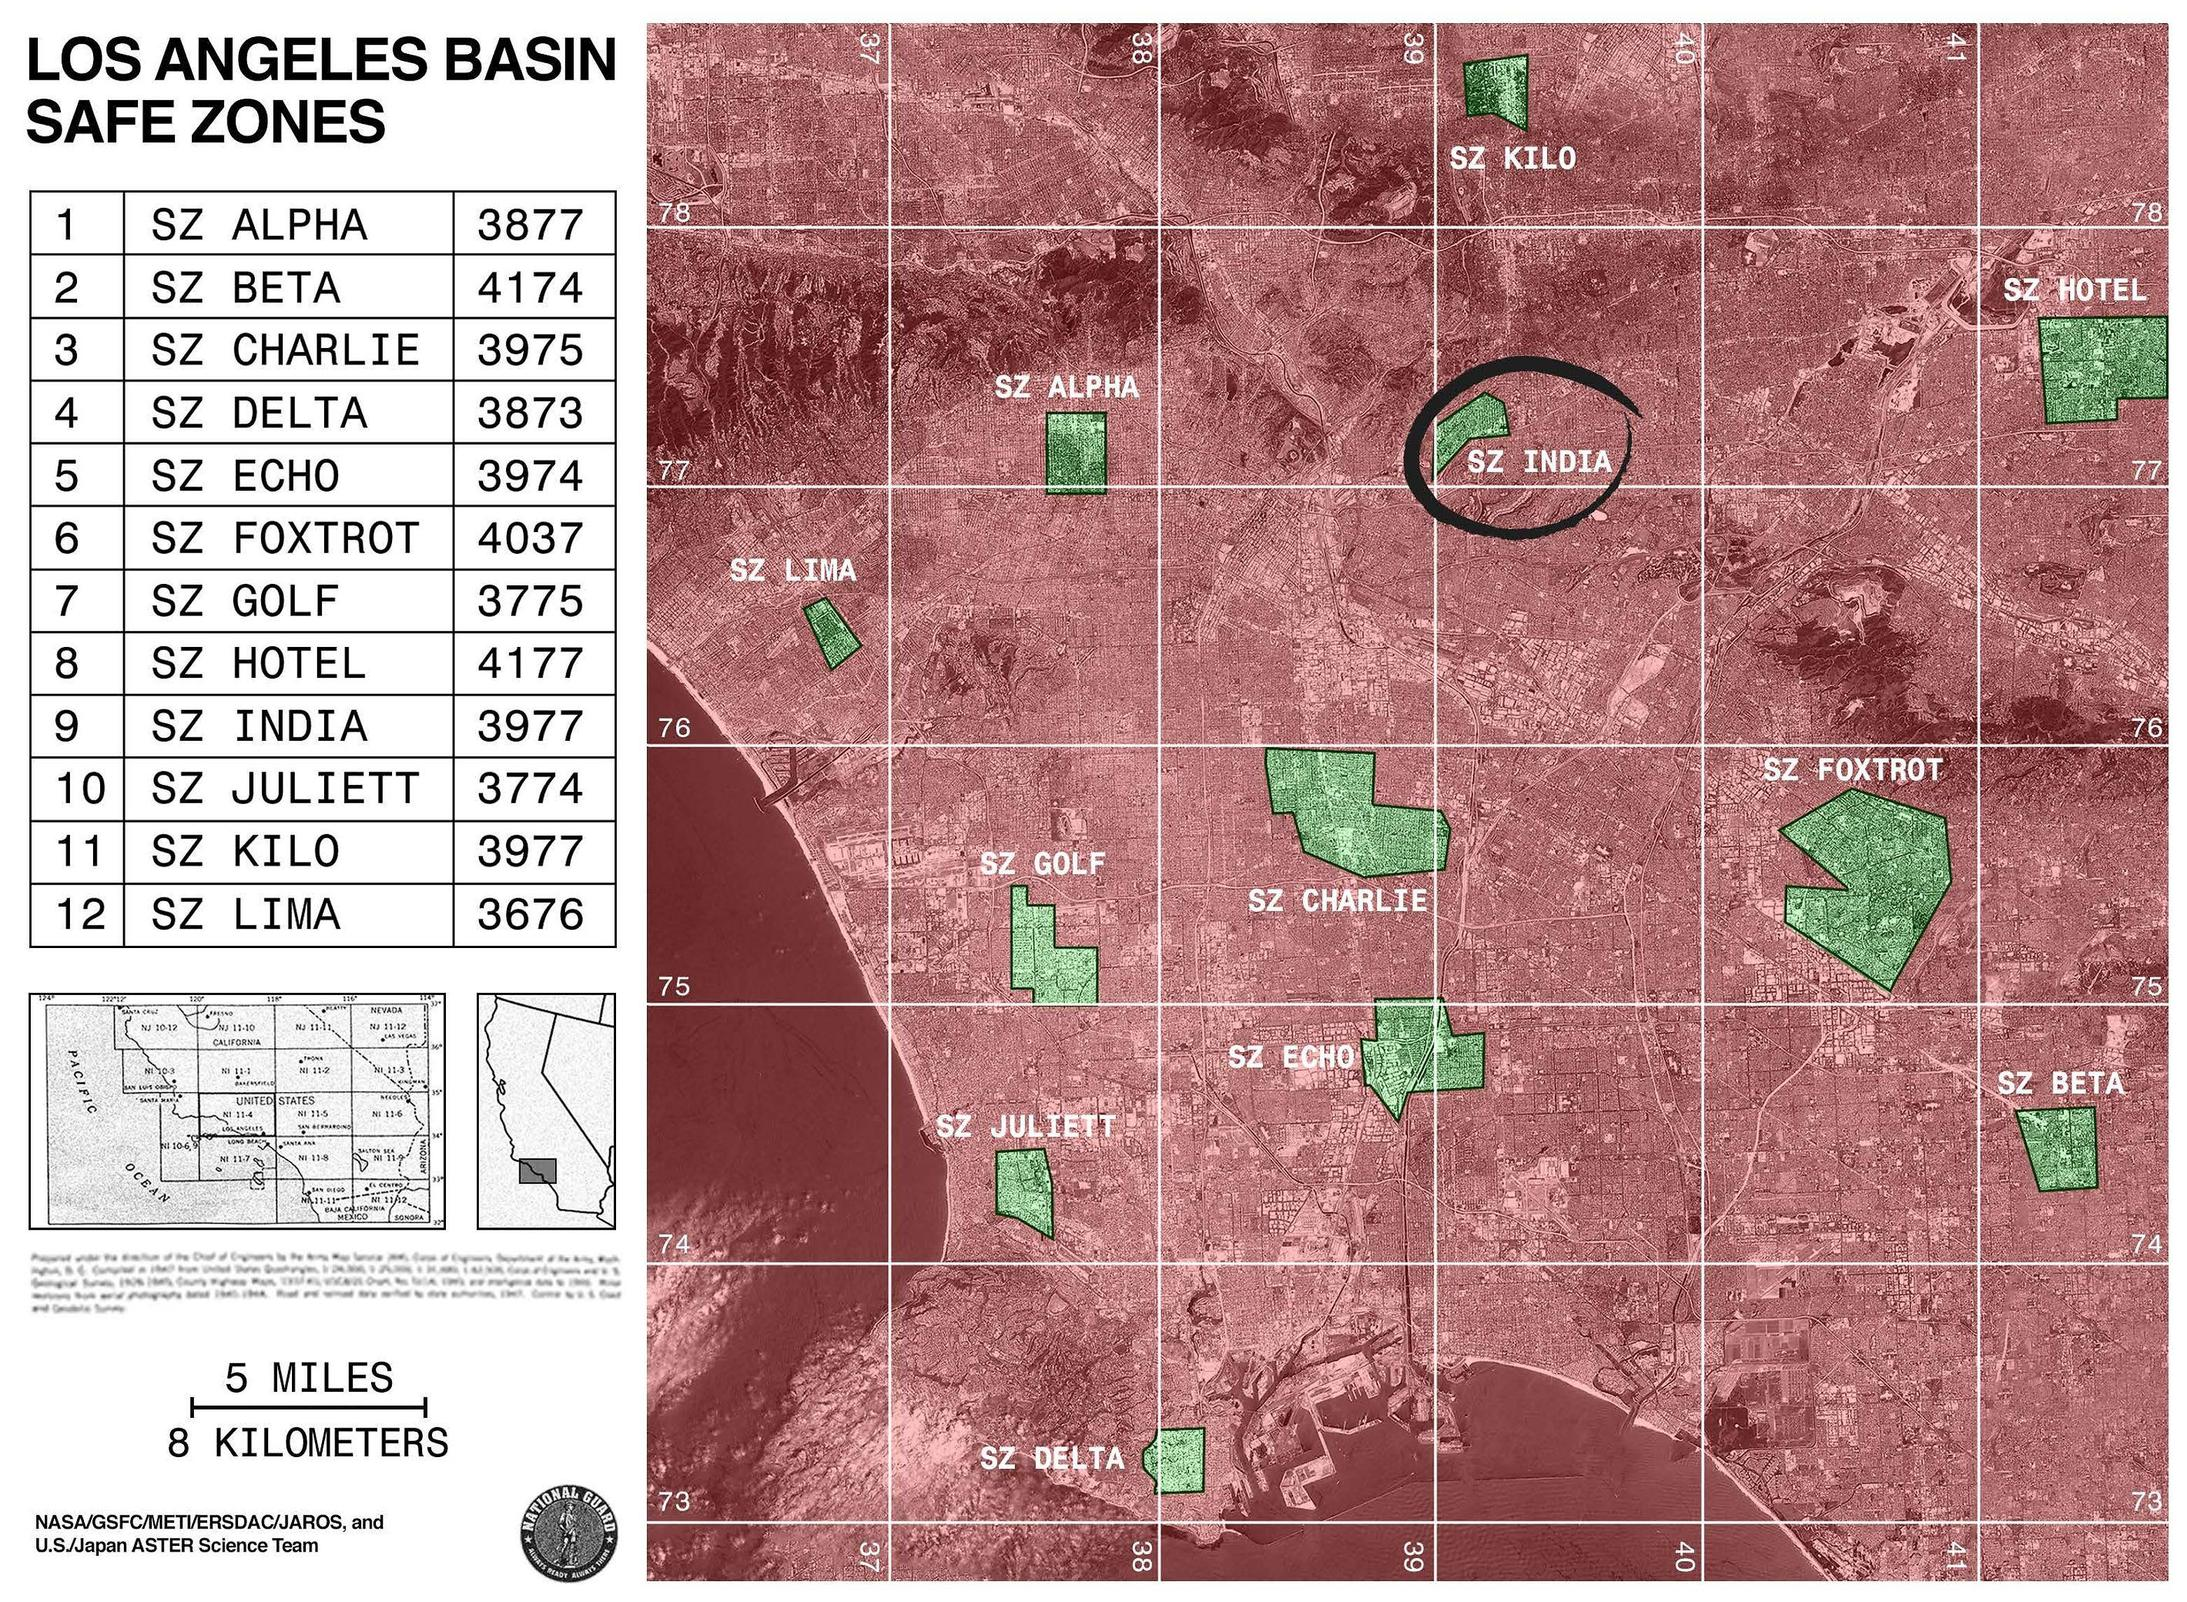 Los Angeles Basin Safe Zones